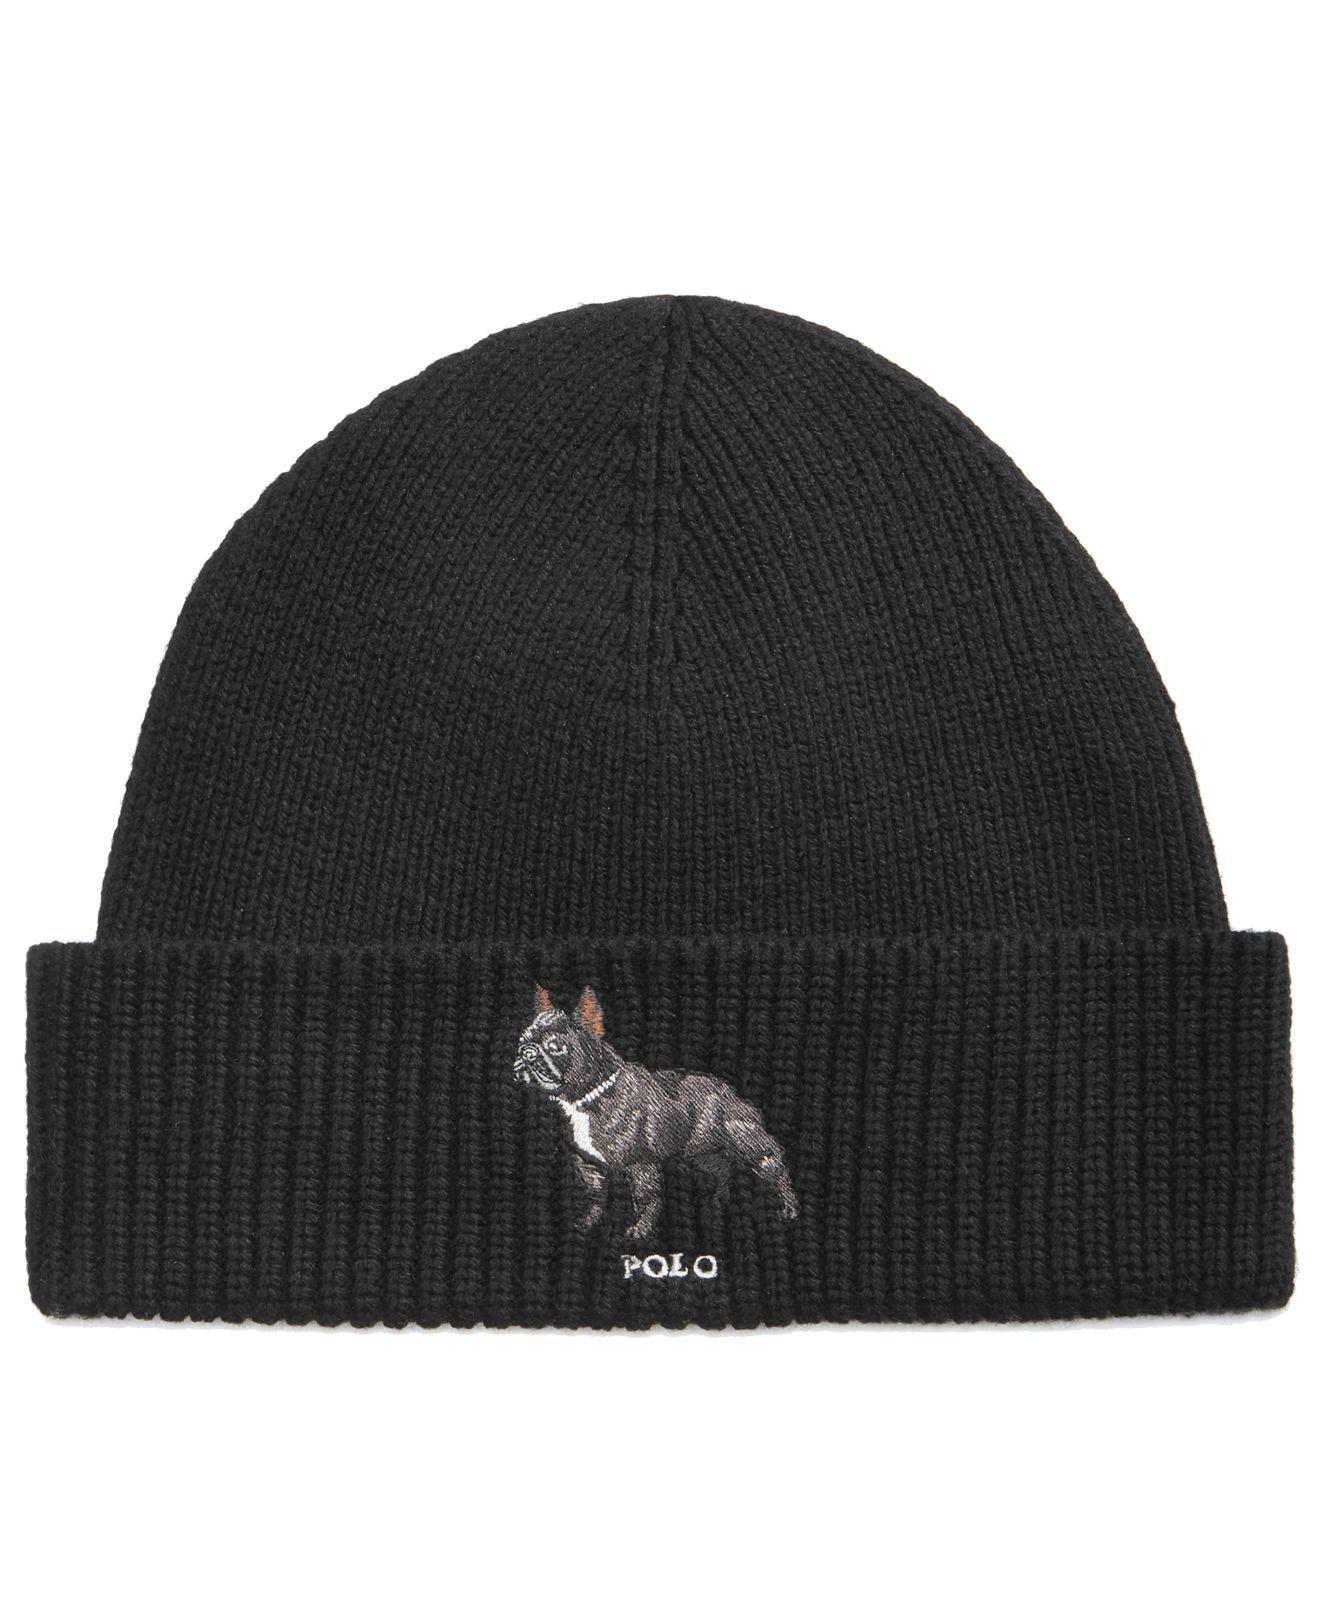 Lyst - Polo Ralph Lauren Men s French Bull Dog Hat in Black for Men 45fd2177ea37